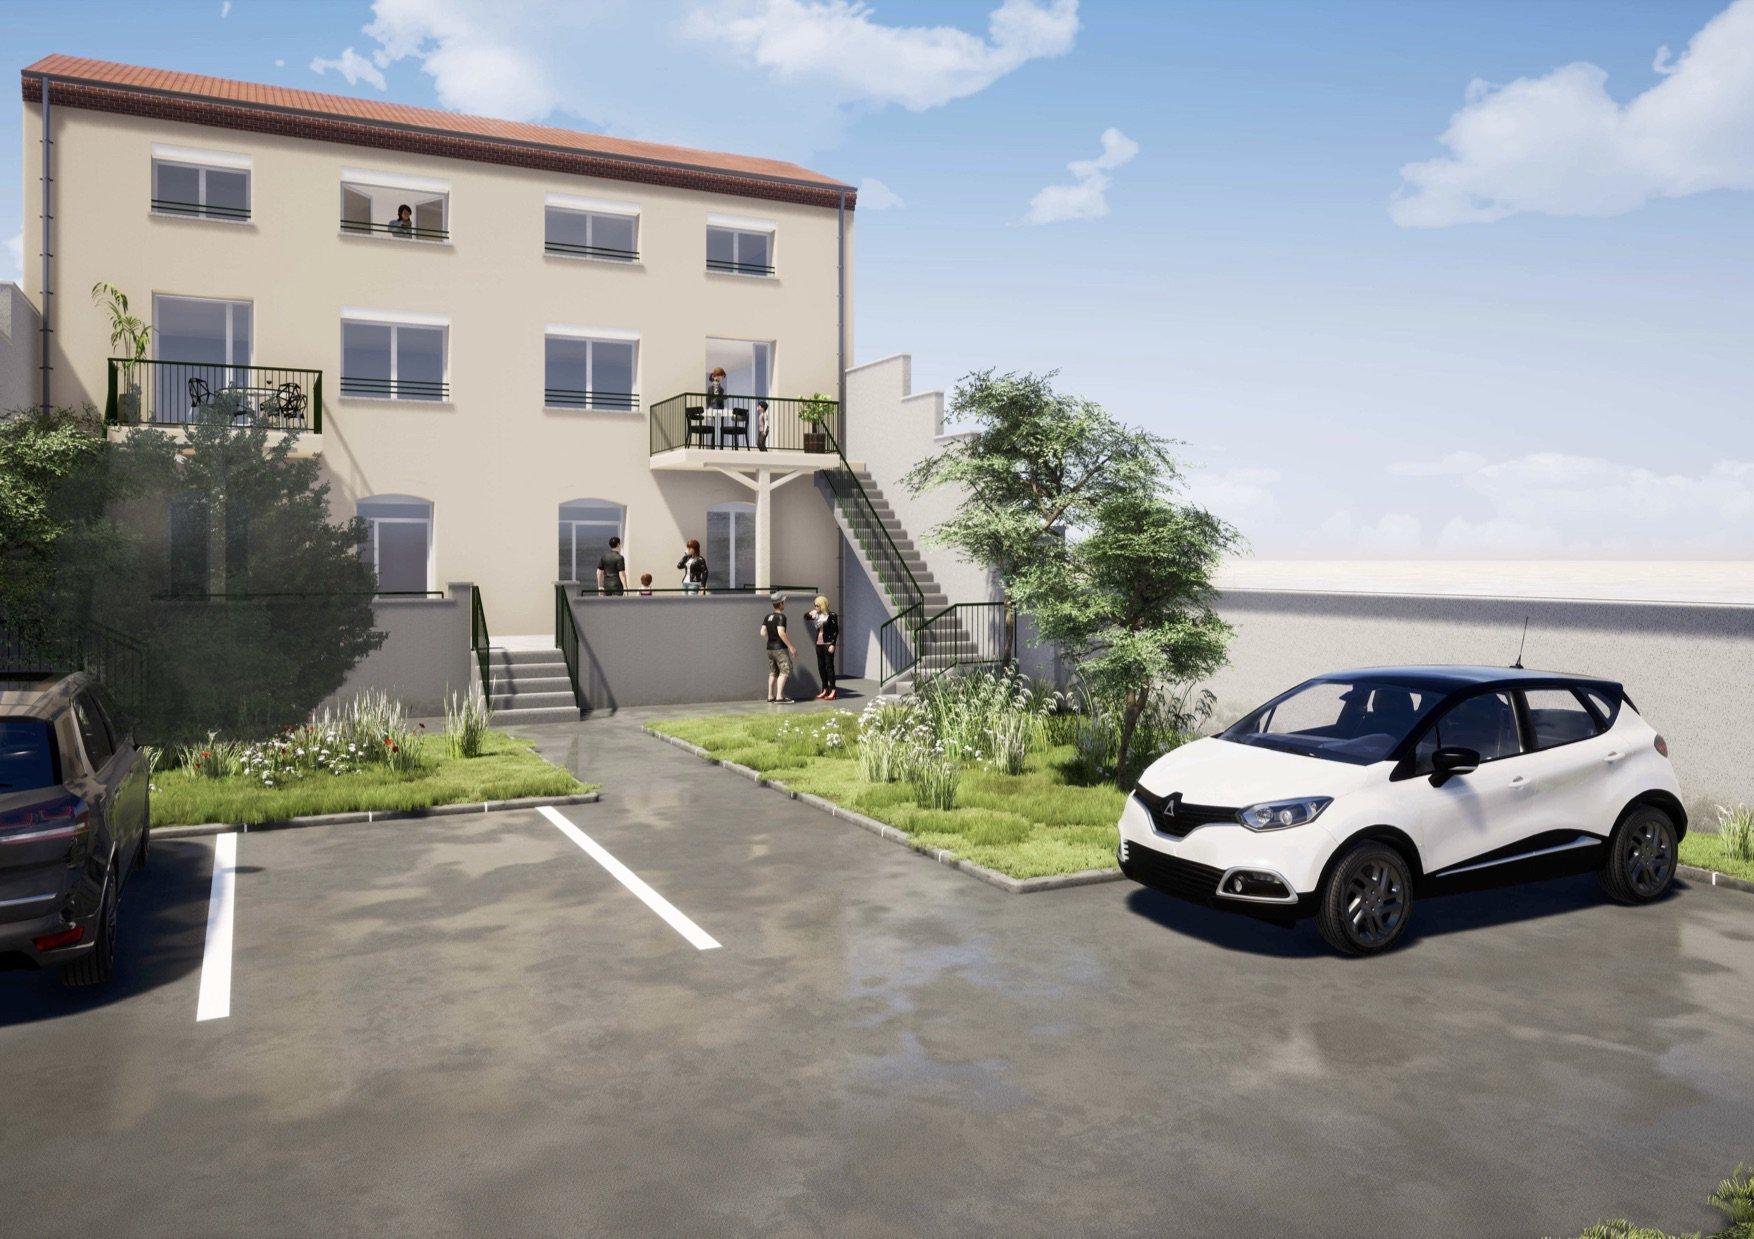 Appt T4 Duplex Terrasse, cave, 2 parkings